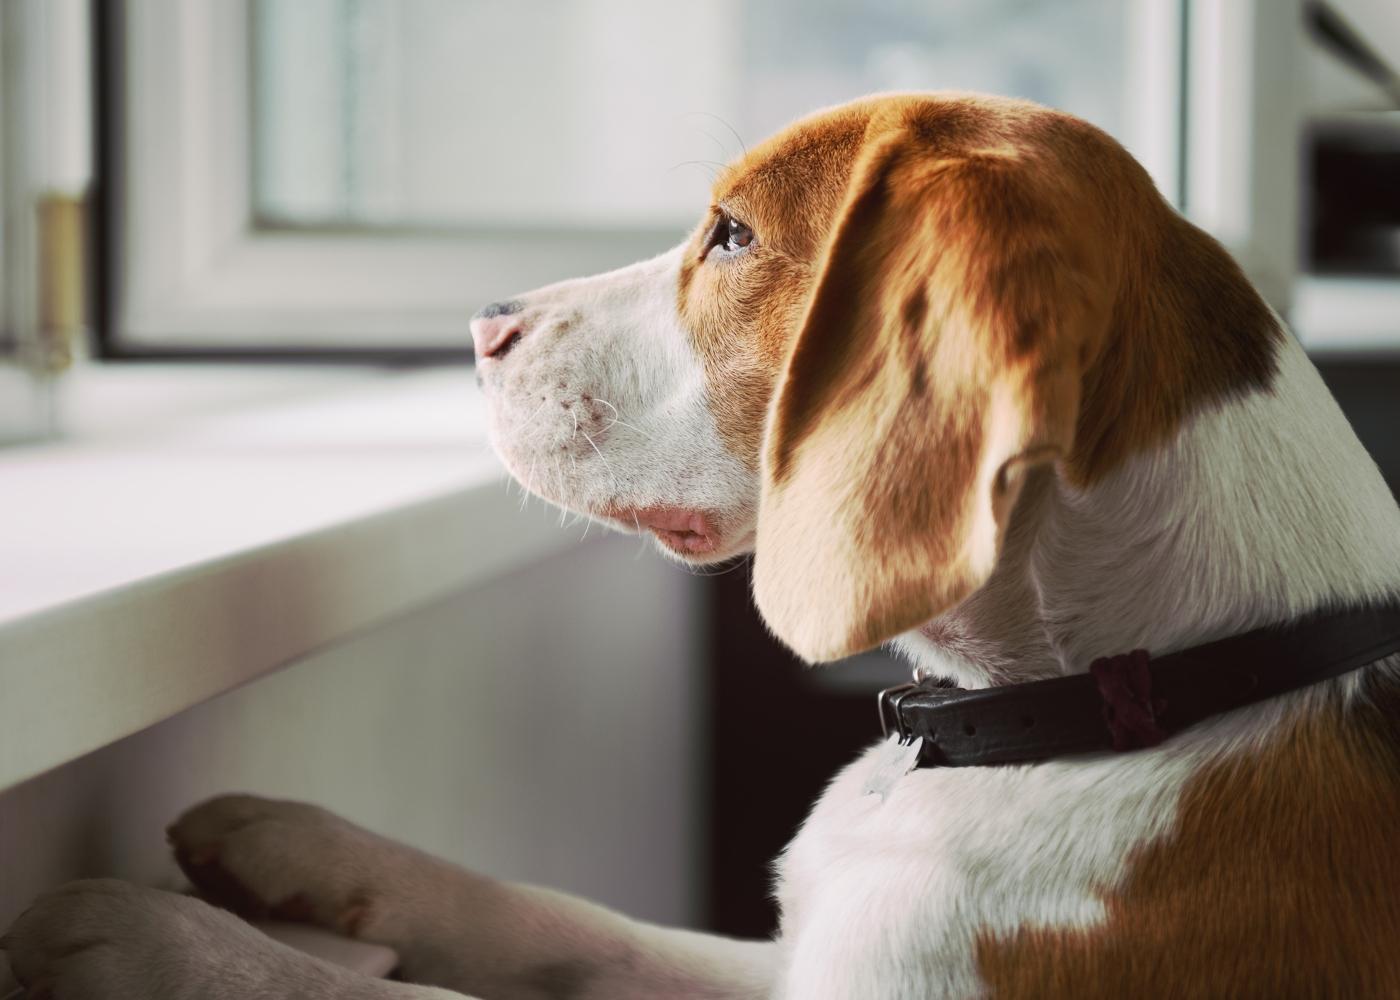 cão à espera do dono na janela